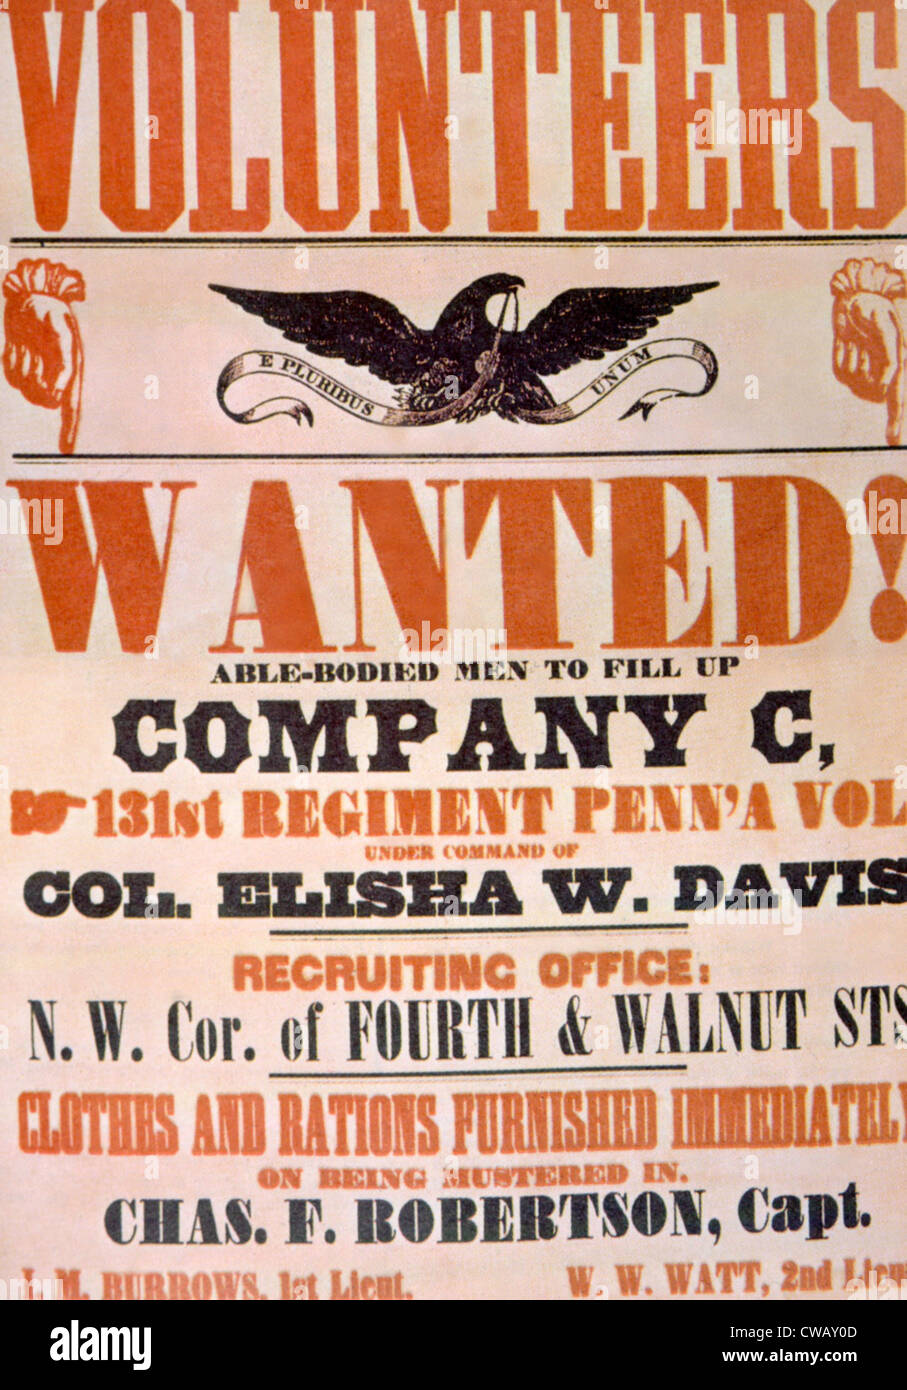 Affiche de recrutement de l'Armée de l'Union, ca. 1861 Banque D'Images